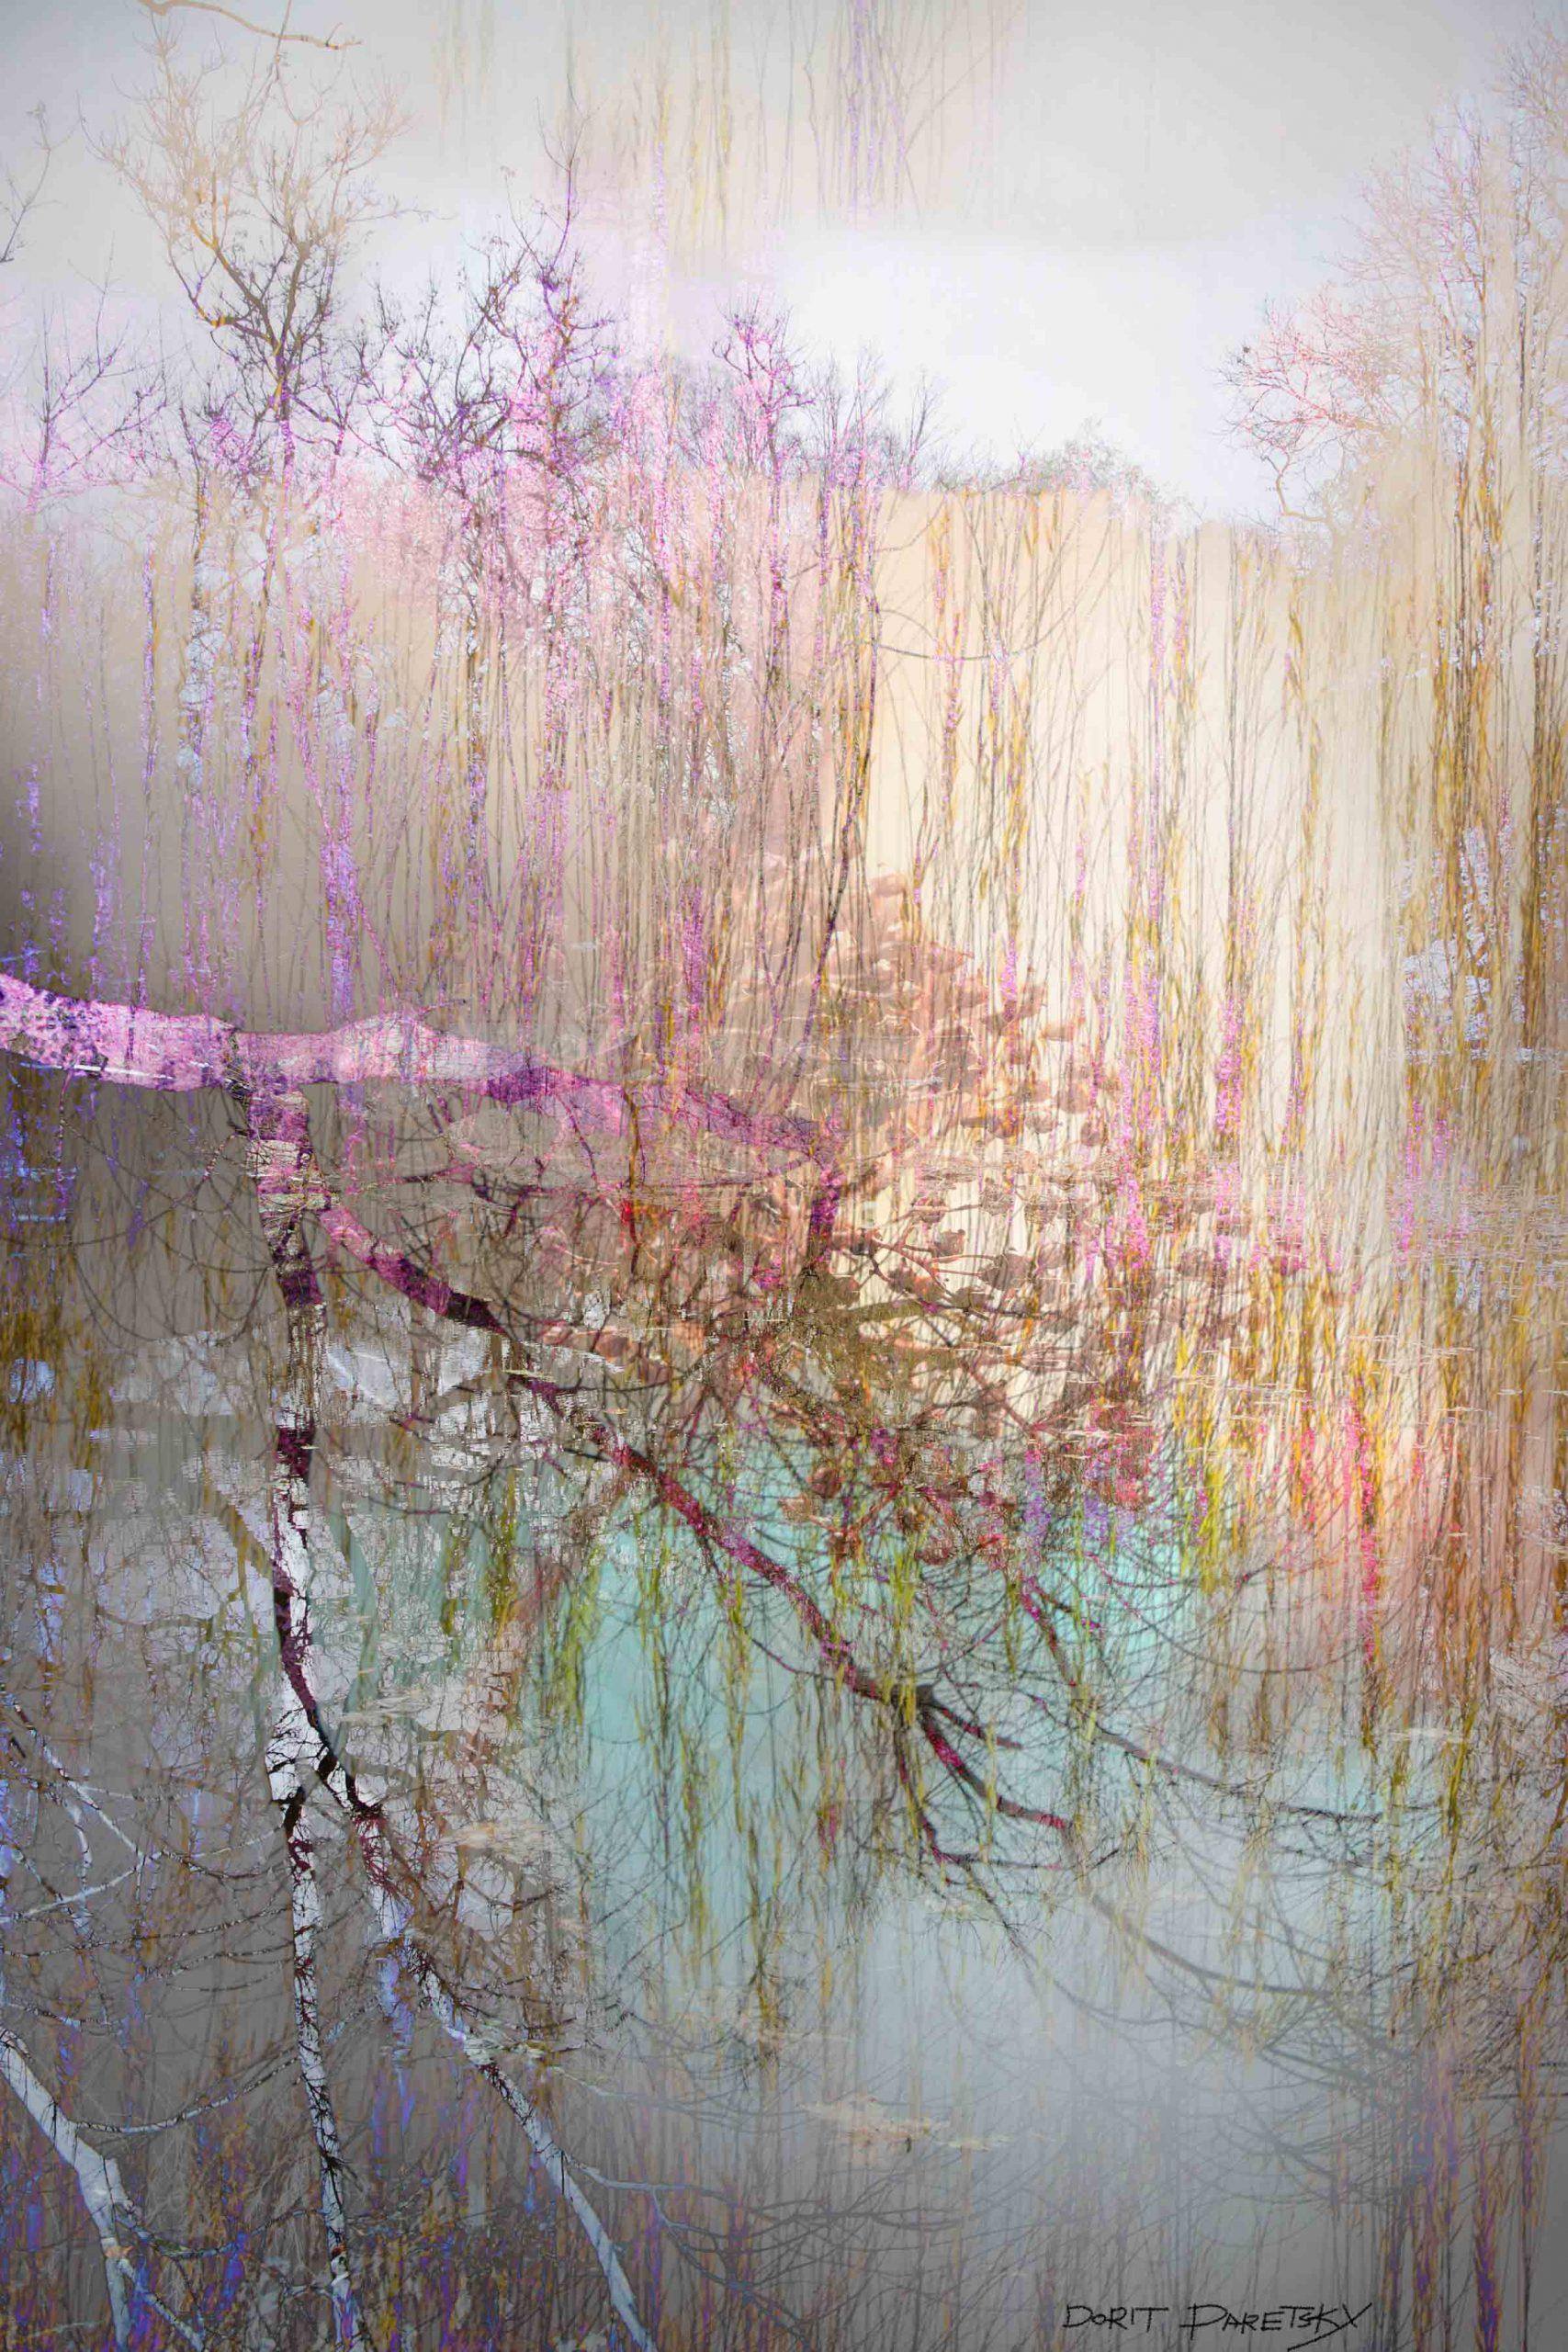 ציור דיגיטלי של ערבה הנושקת למים בצבע טורקיז